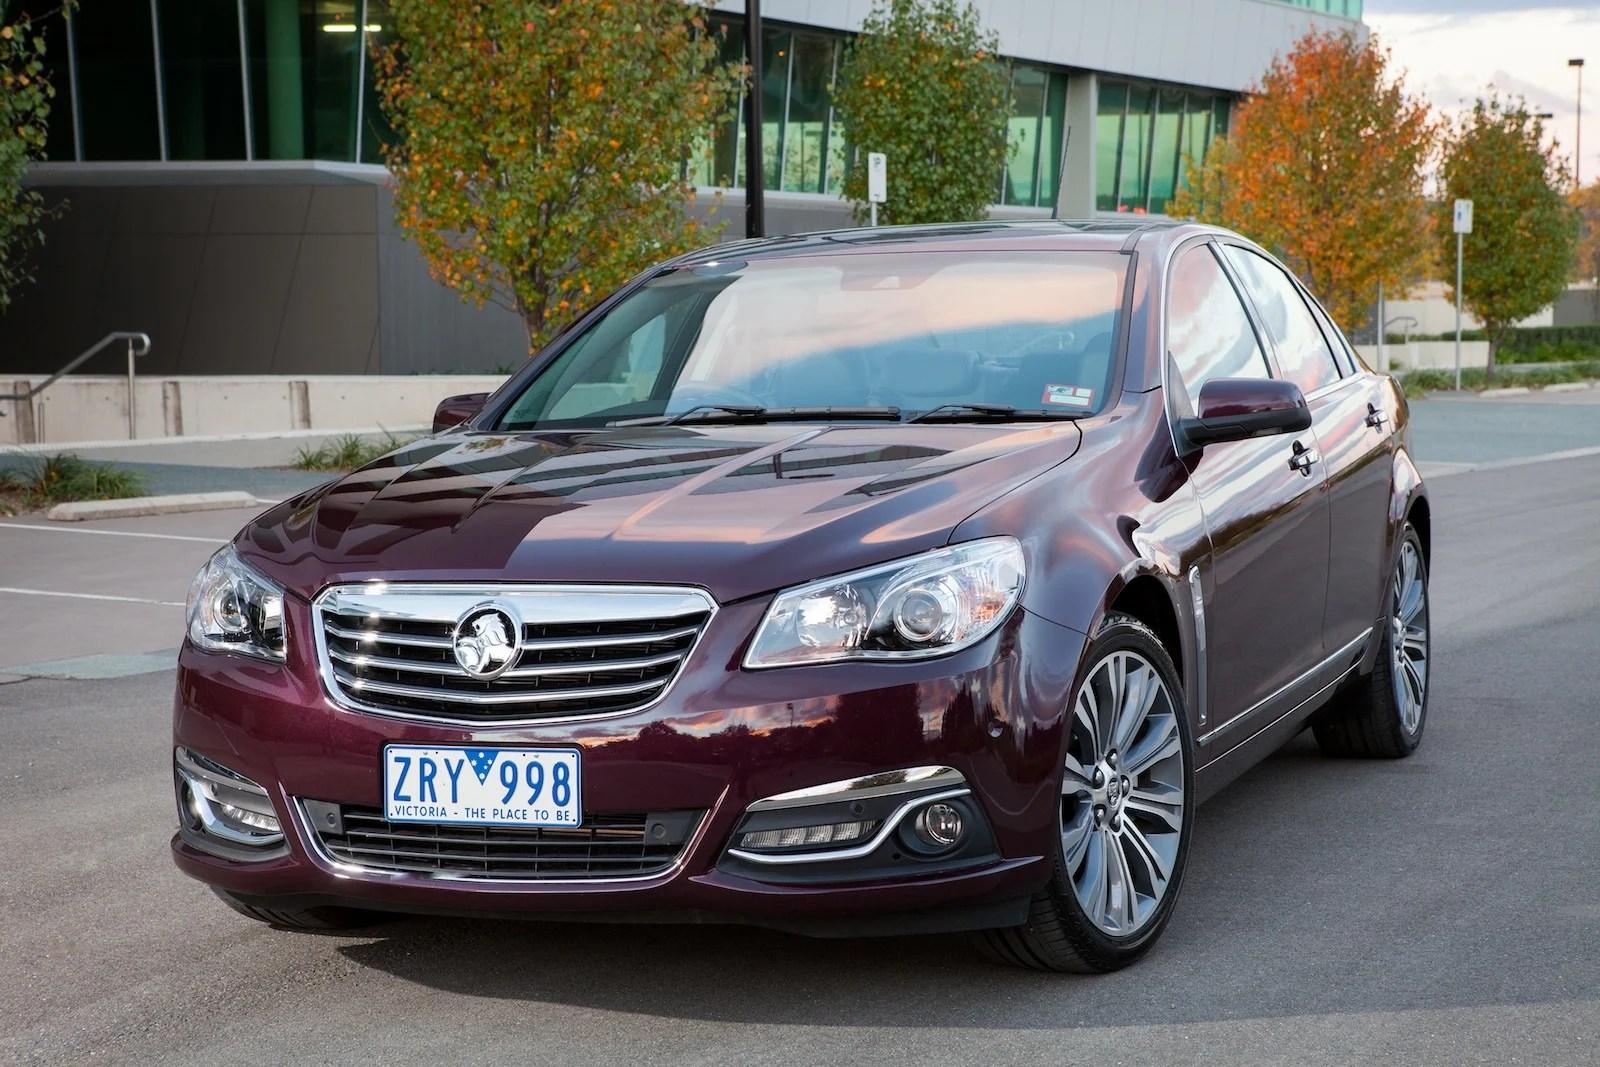 2013 Holden Vf Calais Review Photos Caradvice